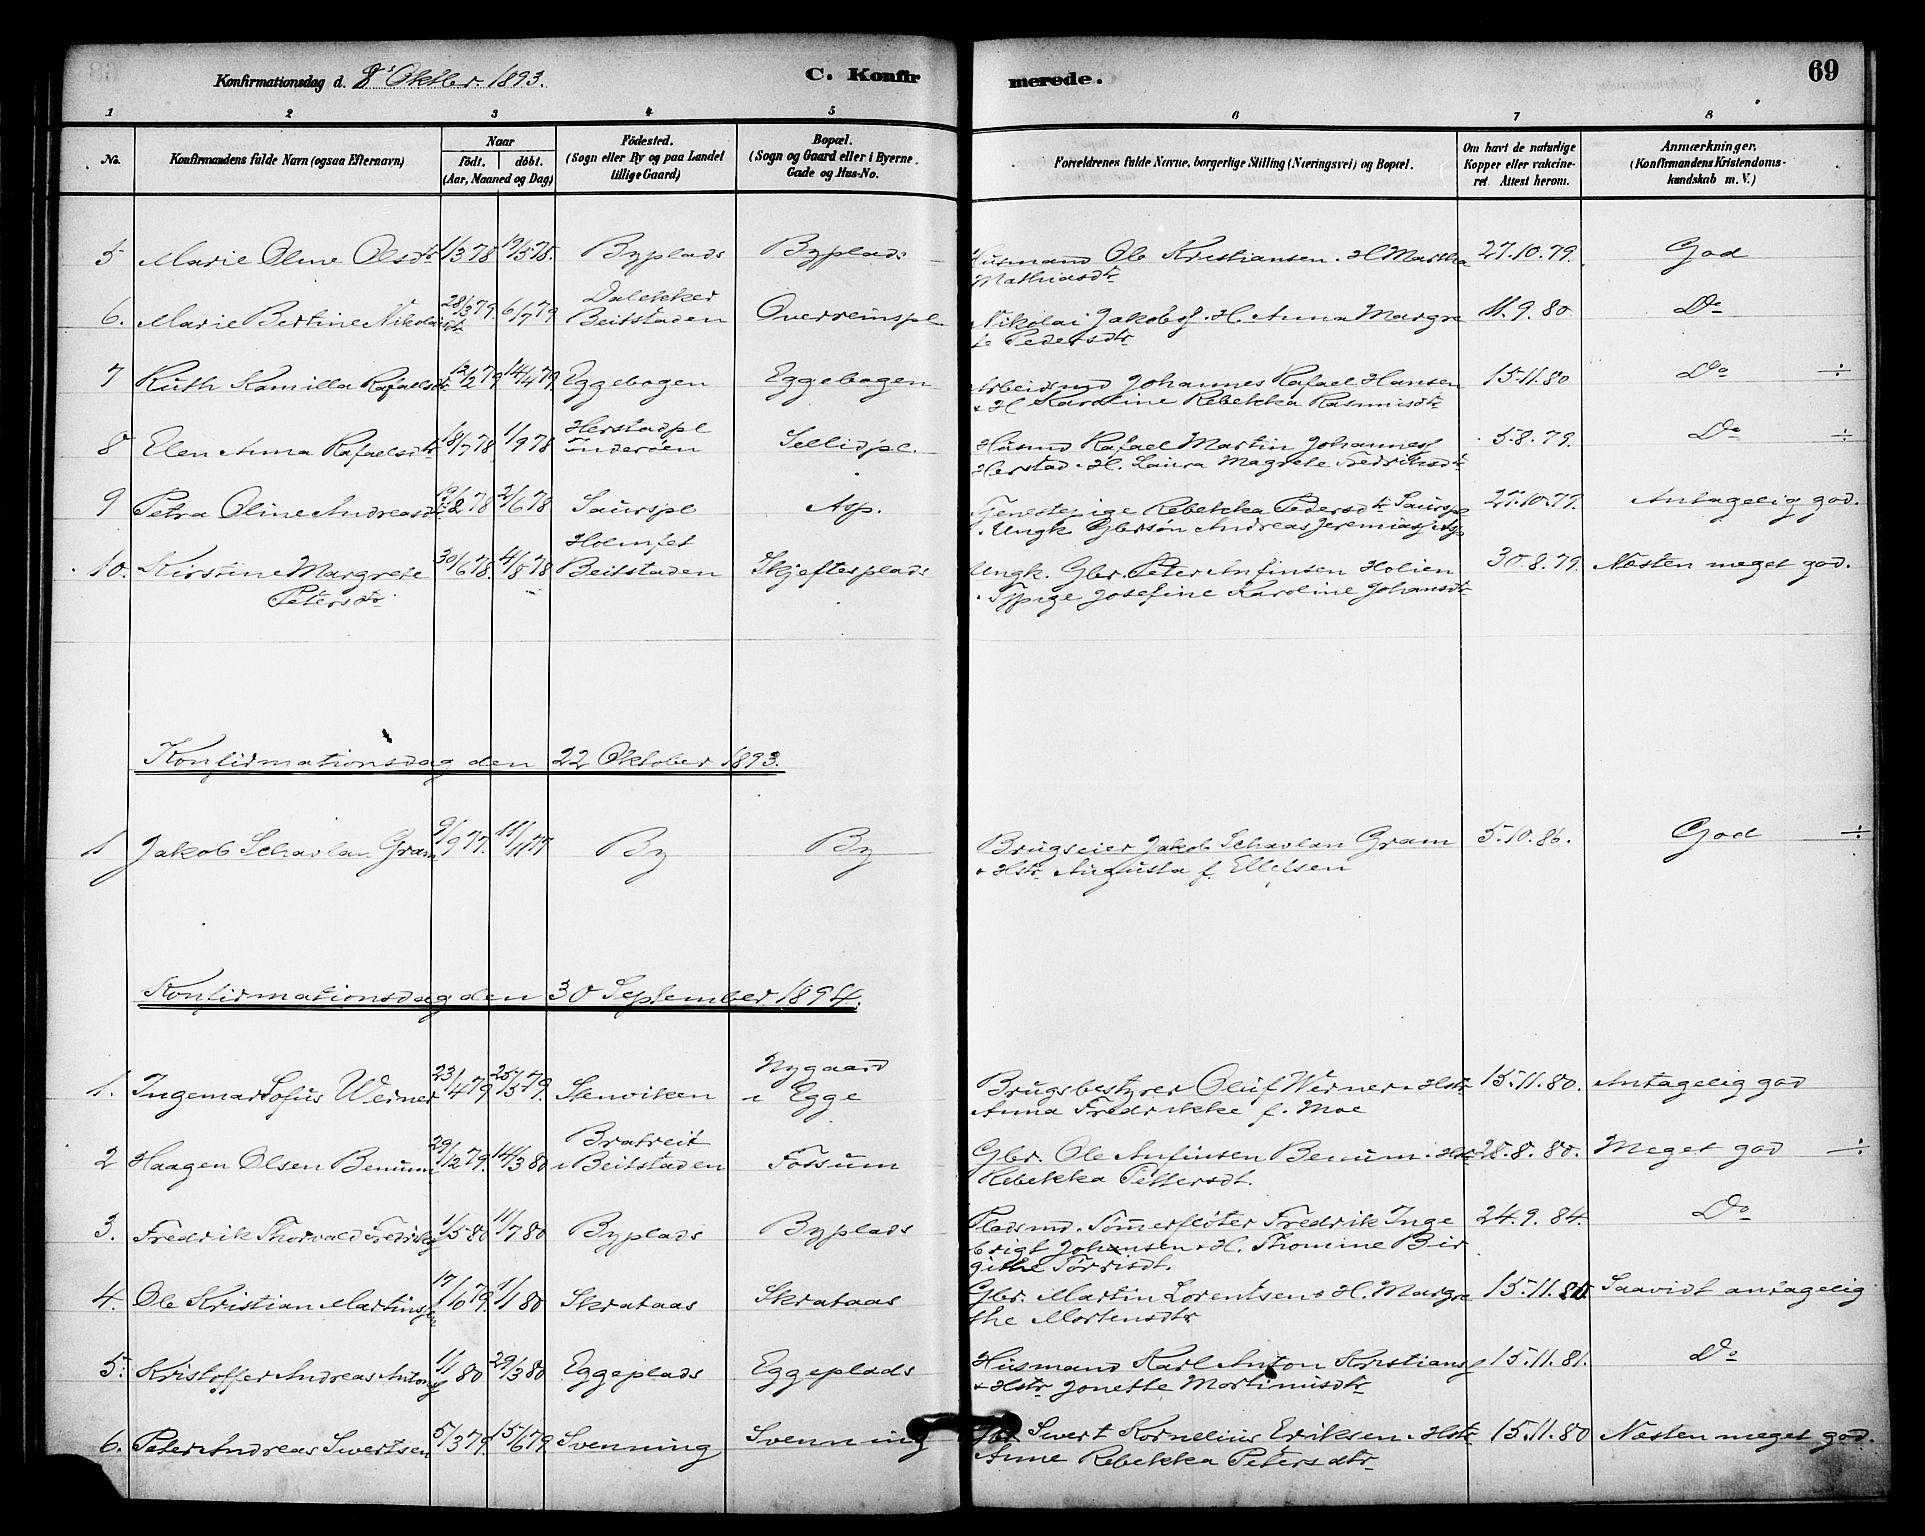 SAT, Ministerialprotokoller, klokkerbøker og fødselsregistre - Nord-Trøndelag, 740/L0378: Ministerialbok nr. 740A01, 1881-1895, s. 69